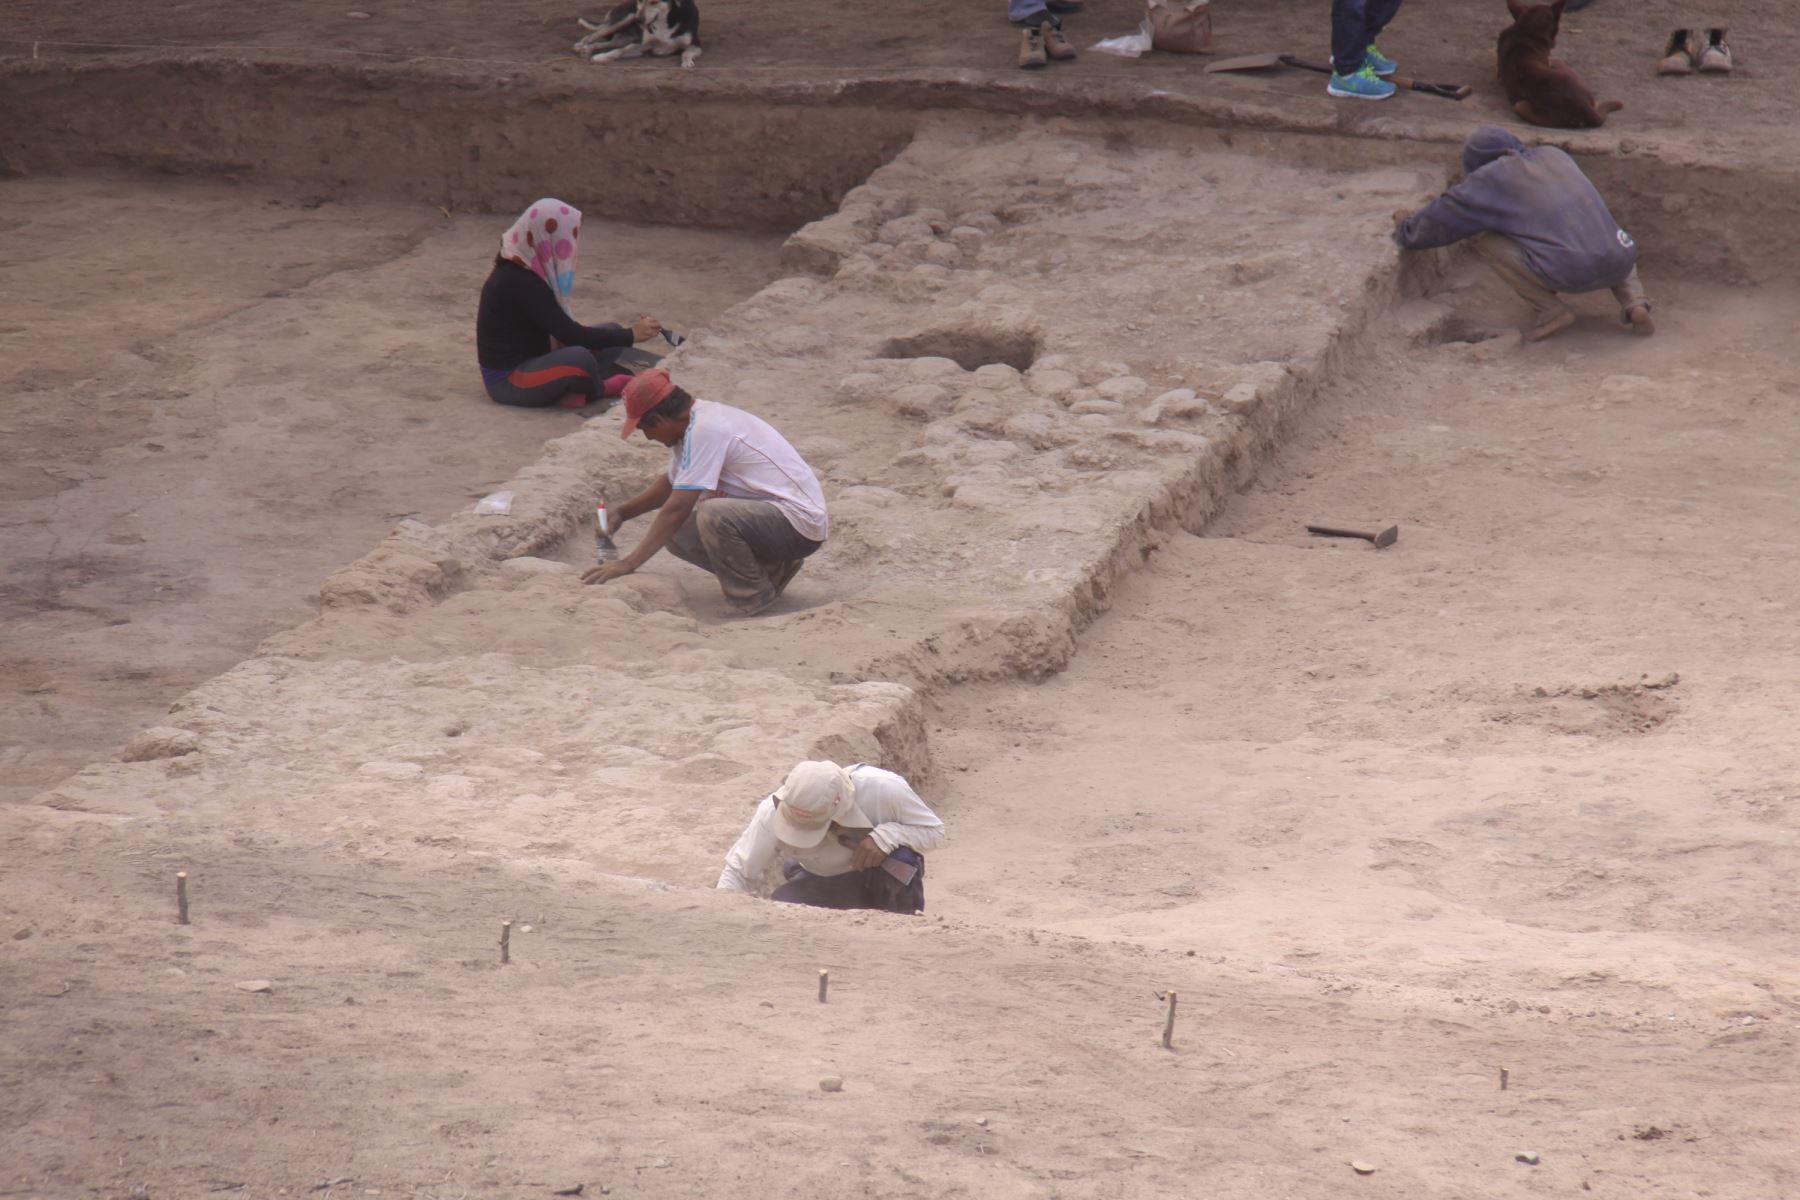 Hallan evidencias del colapso de la época mochica en sitio arqueológico Santa Rosa, en Lambayeque. ANDINA